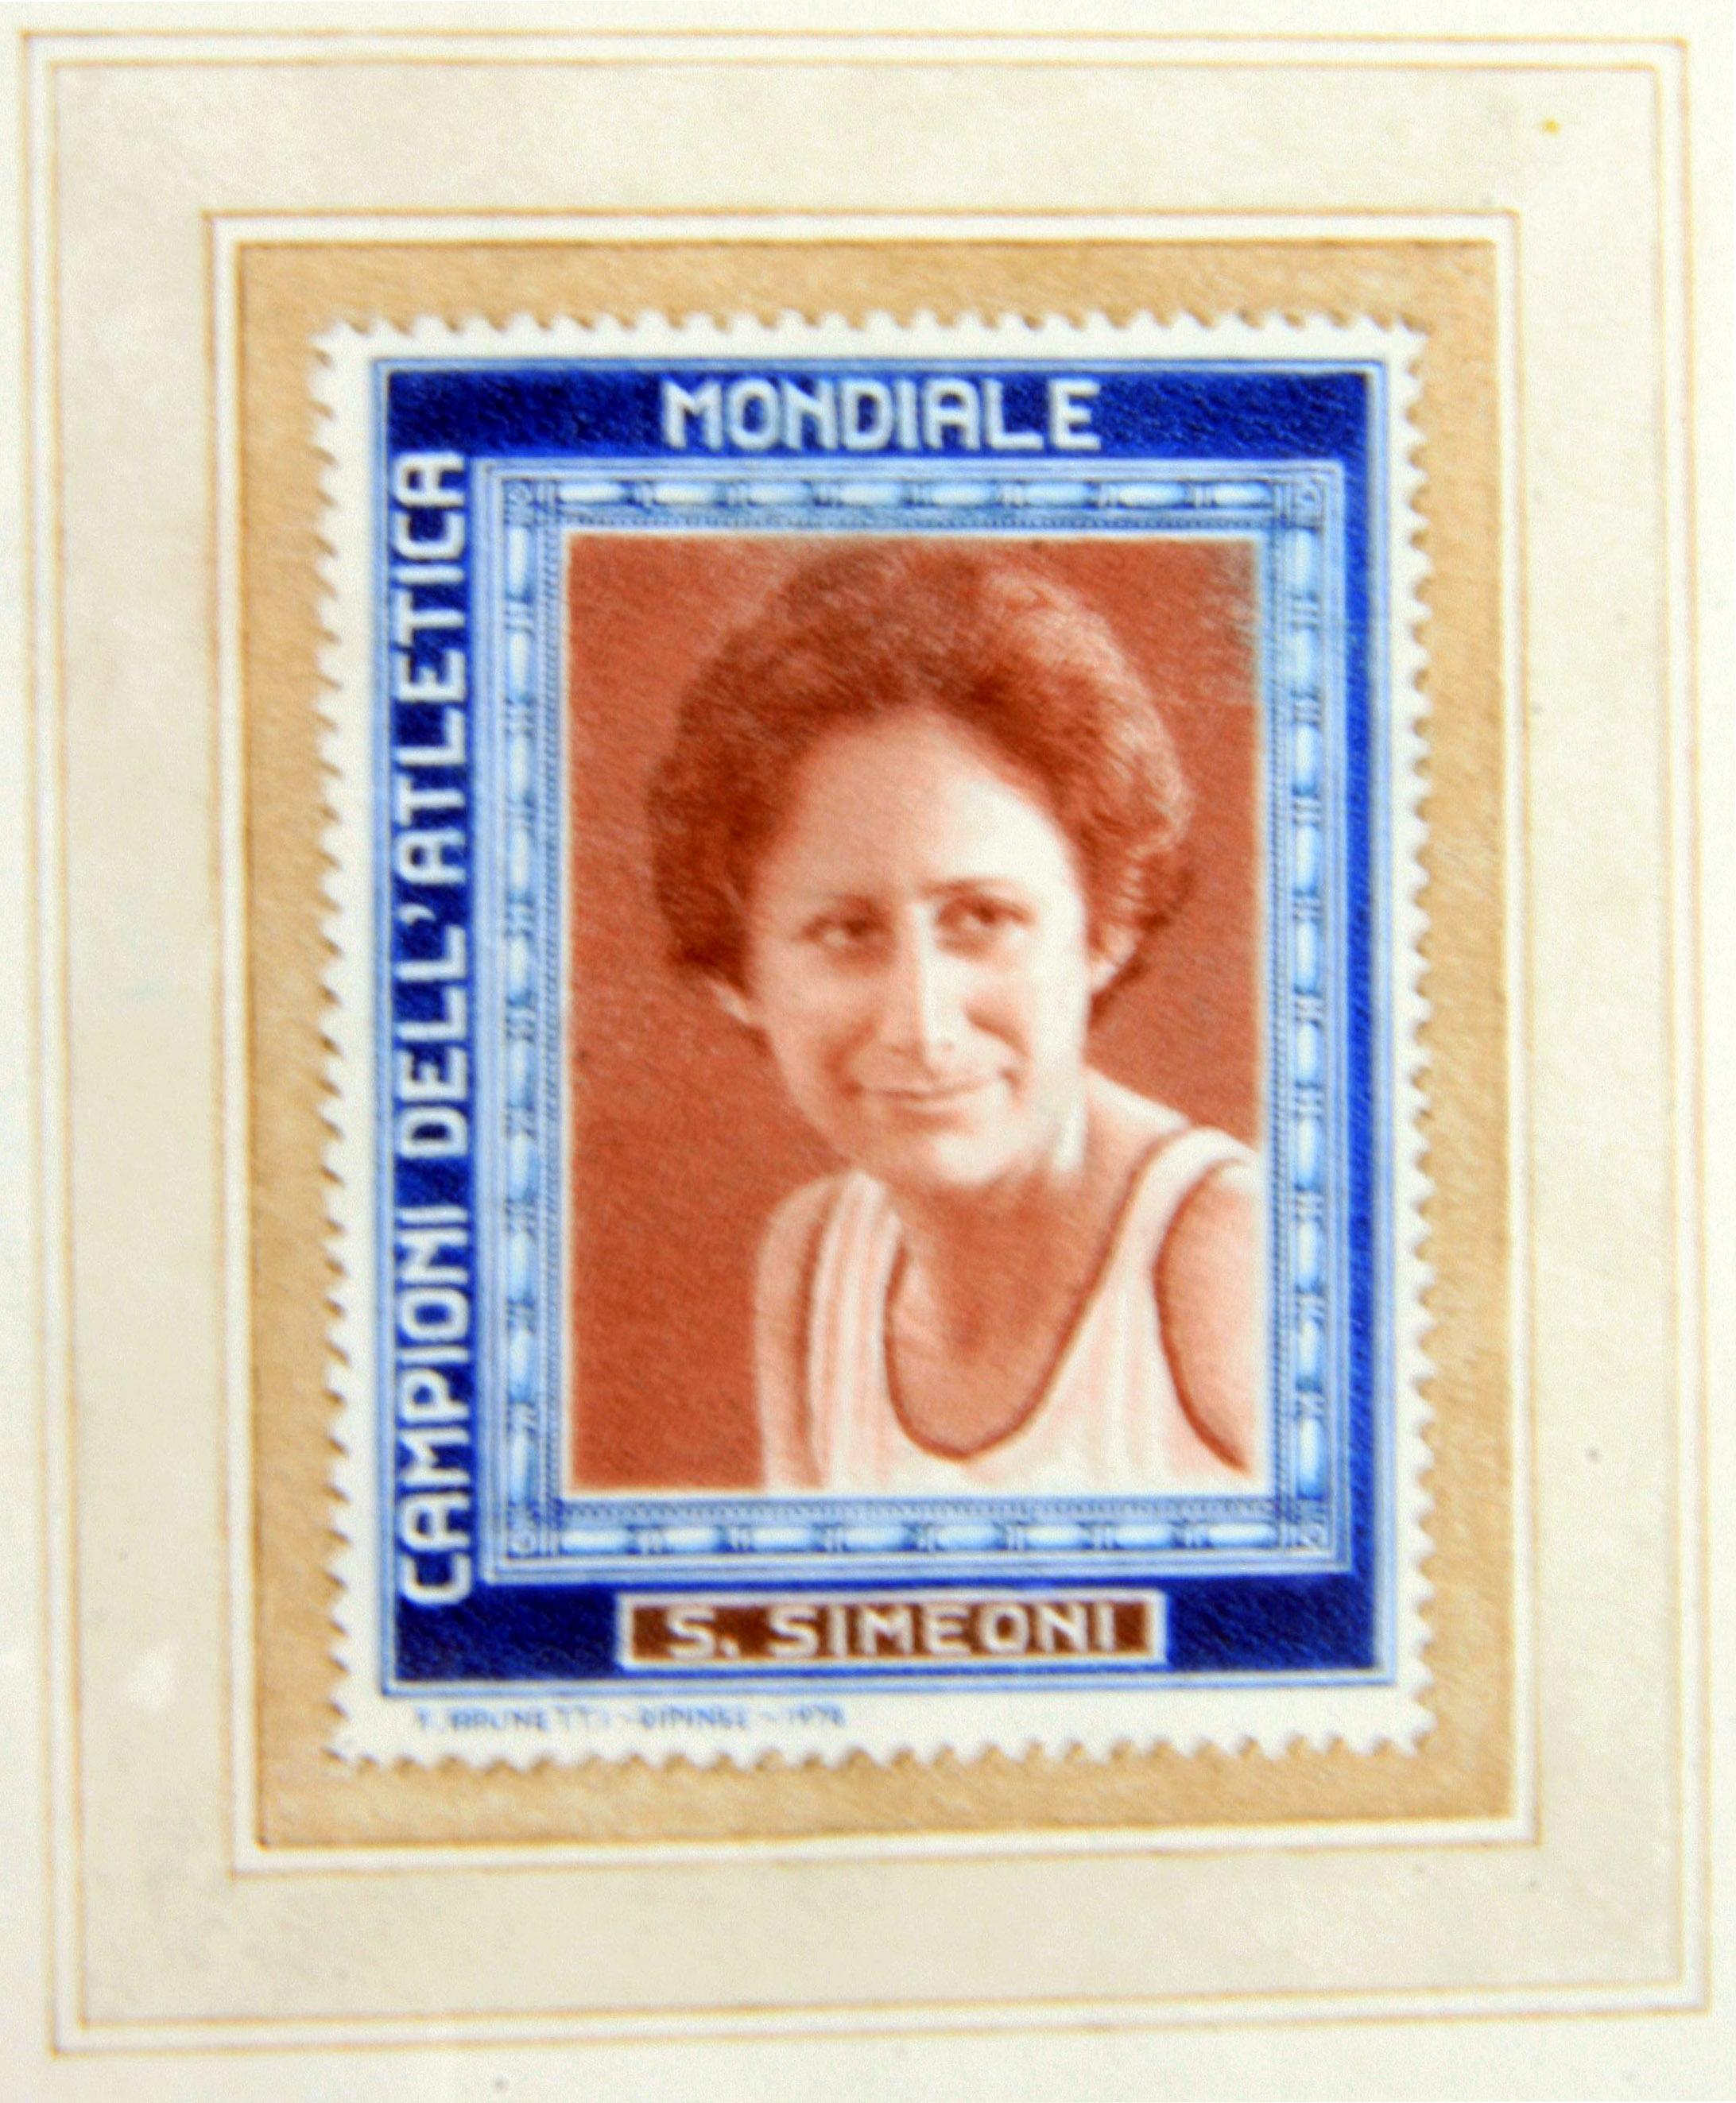 francobollo finto SARA SIMEONI - ritagliato